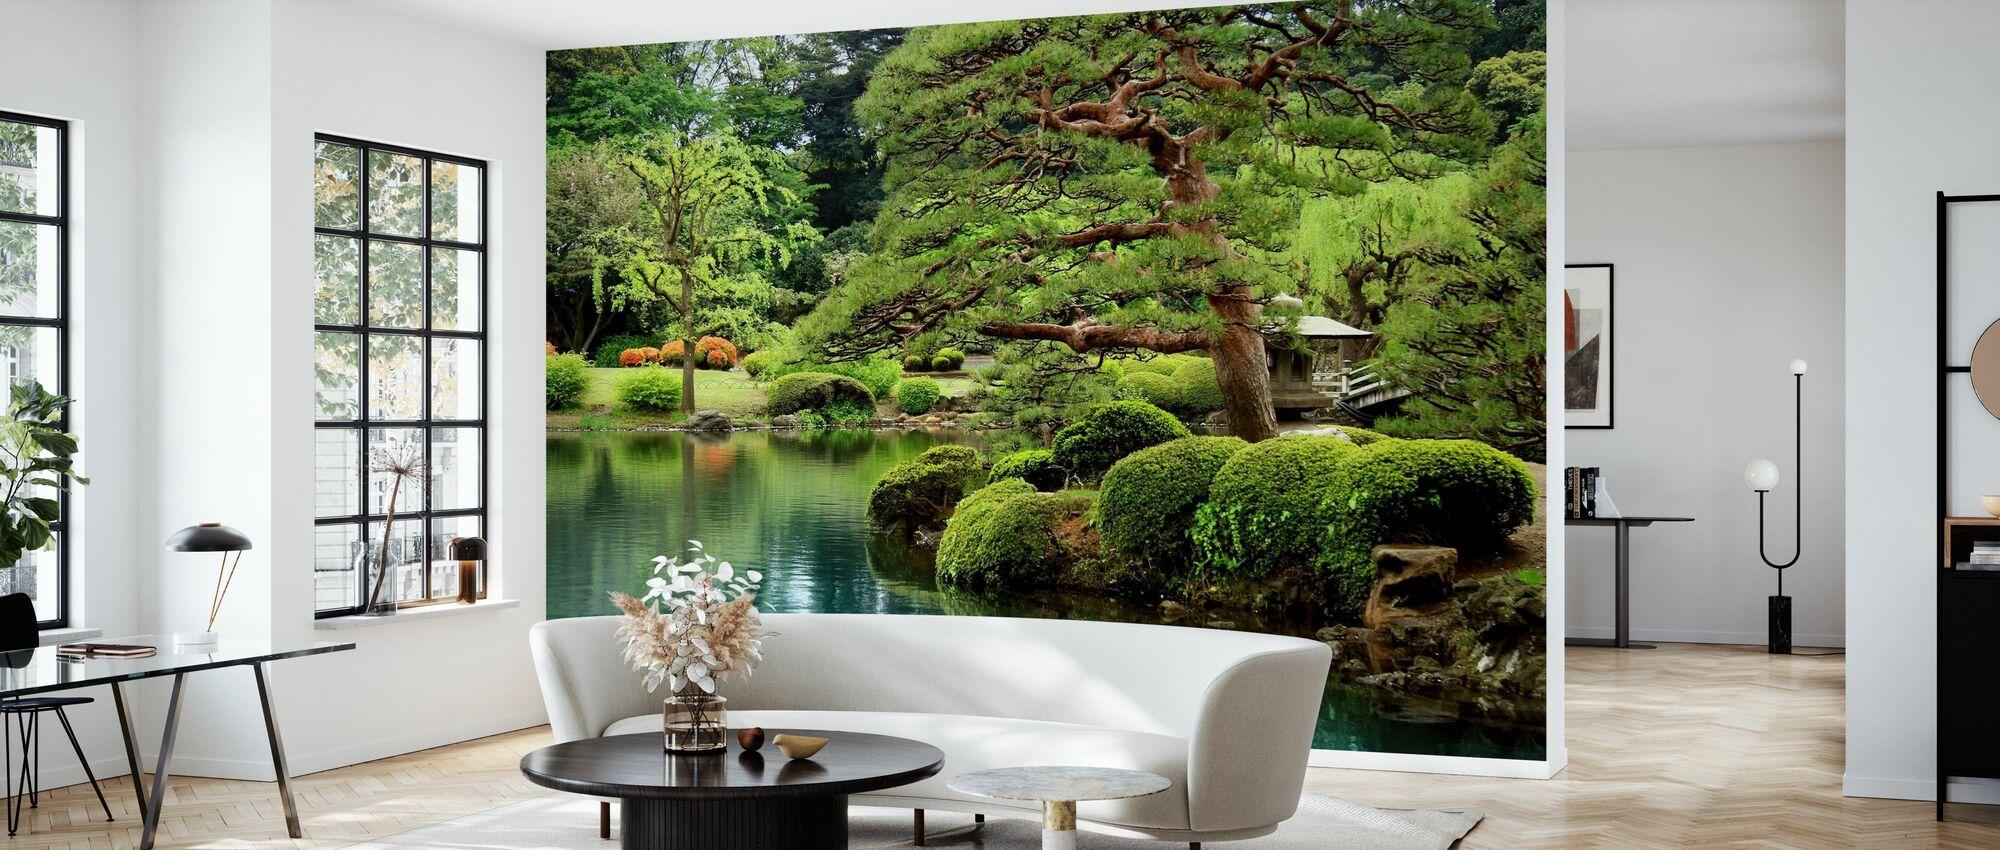 Rolig Zen Lake og Bonsai Trees i Tokyo Garden - Tapet - Stue